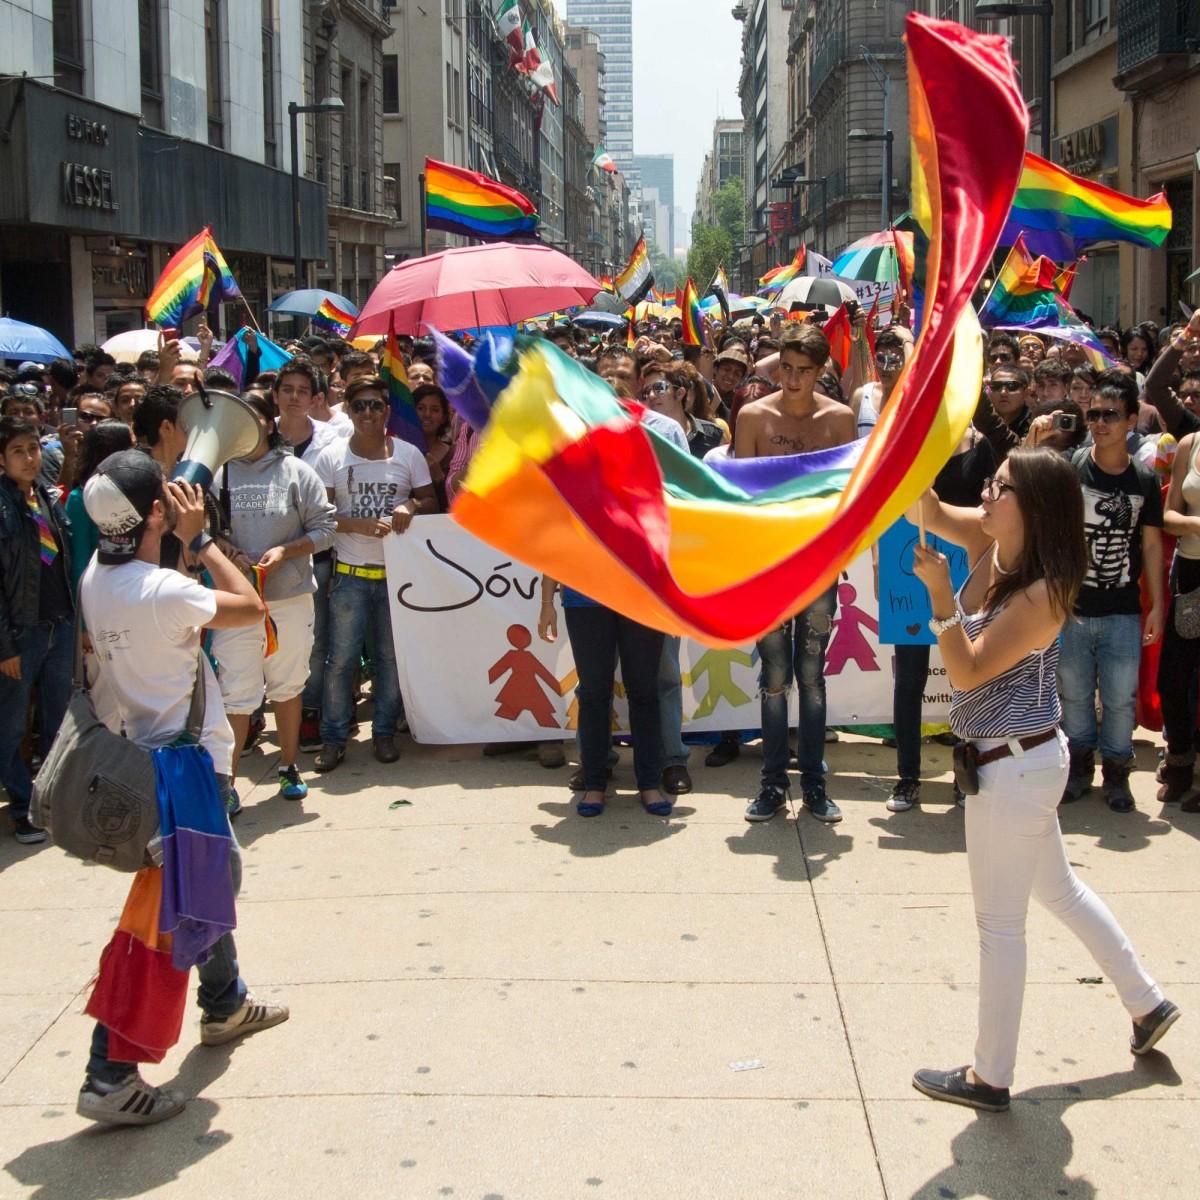 MIGRAZIONI LGBTI – COSA STIAMO FACENDO